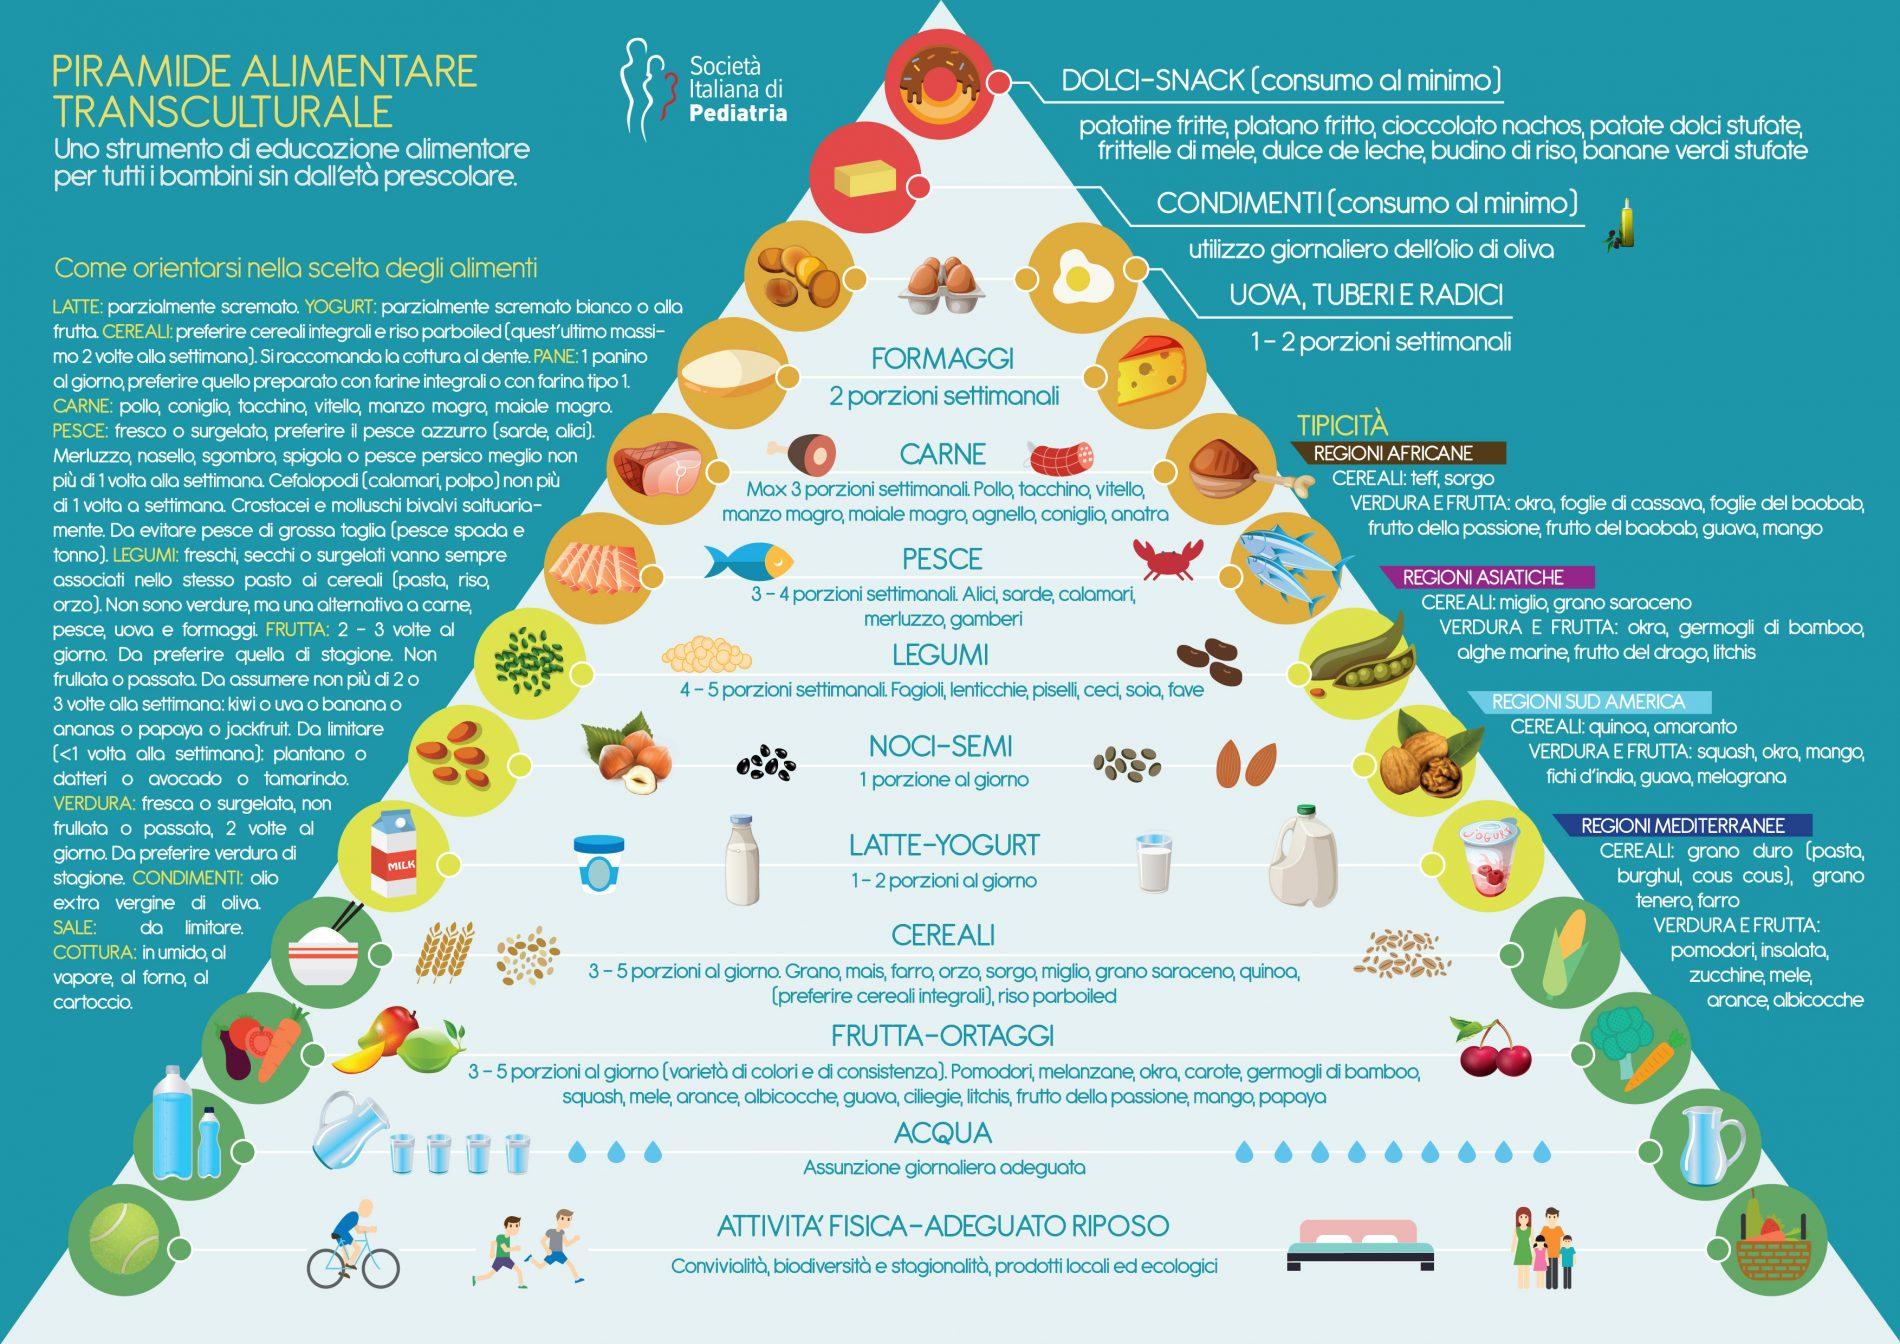 educazione alimentare: piramide transculturale